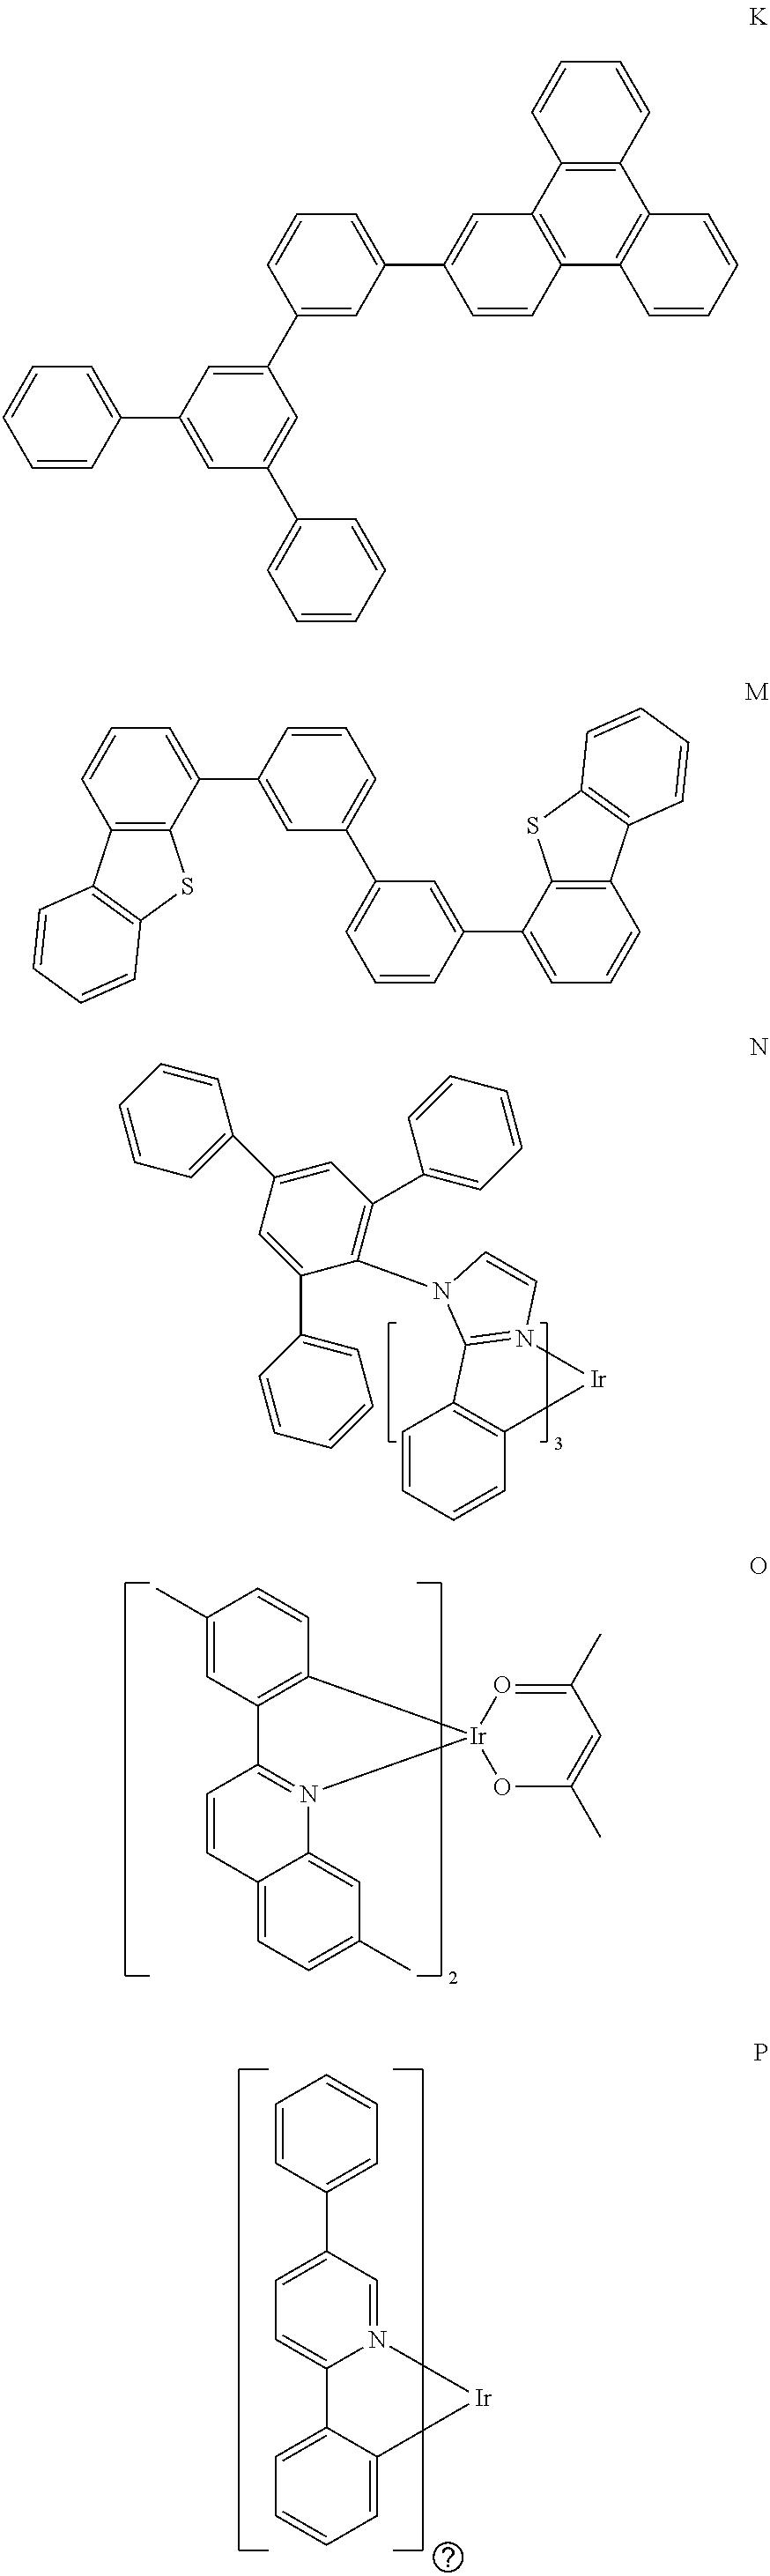 Figure US20110057171A1-20110310-C00004